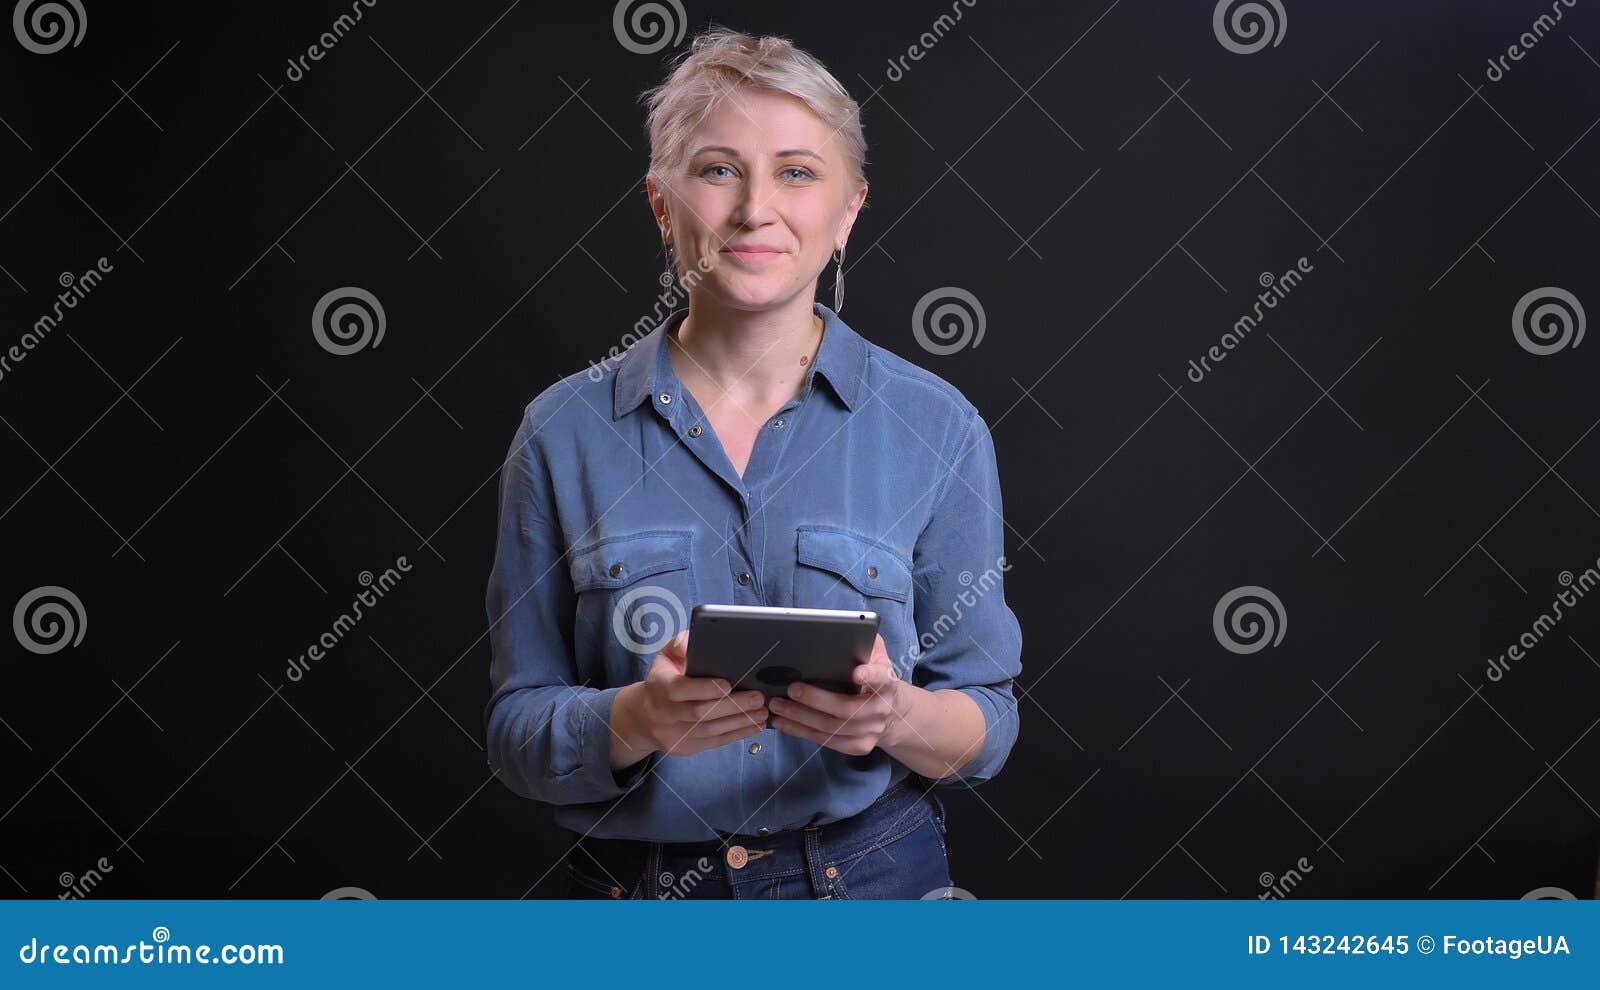 Retrato del primer de la hembra caucásica bonita adulta con el pelo rubio corto usando la tableta que mira la cámara y la sonrisa